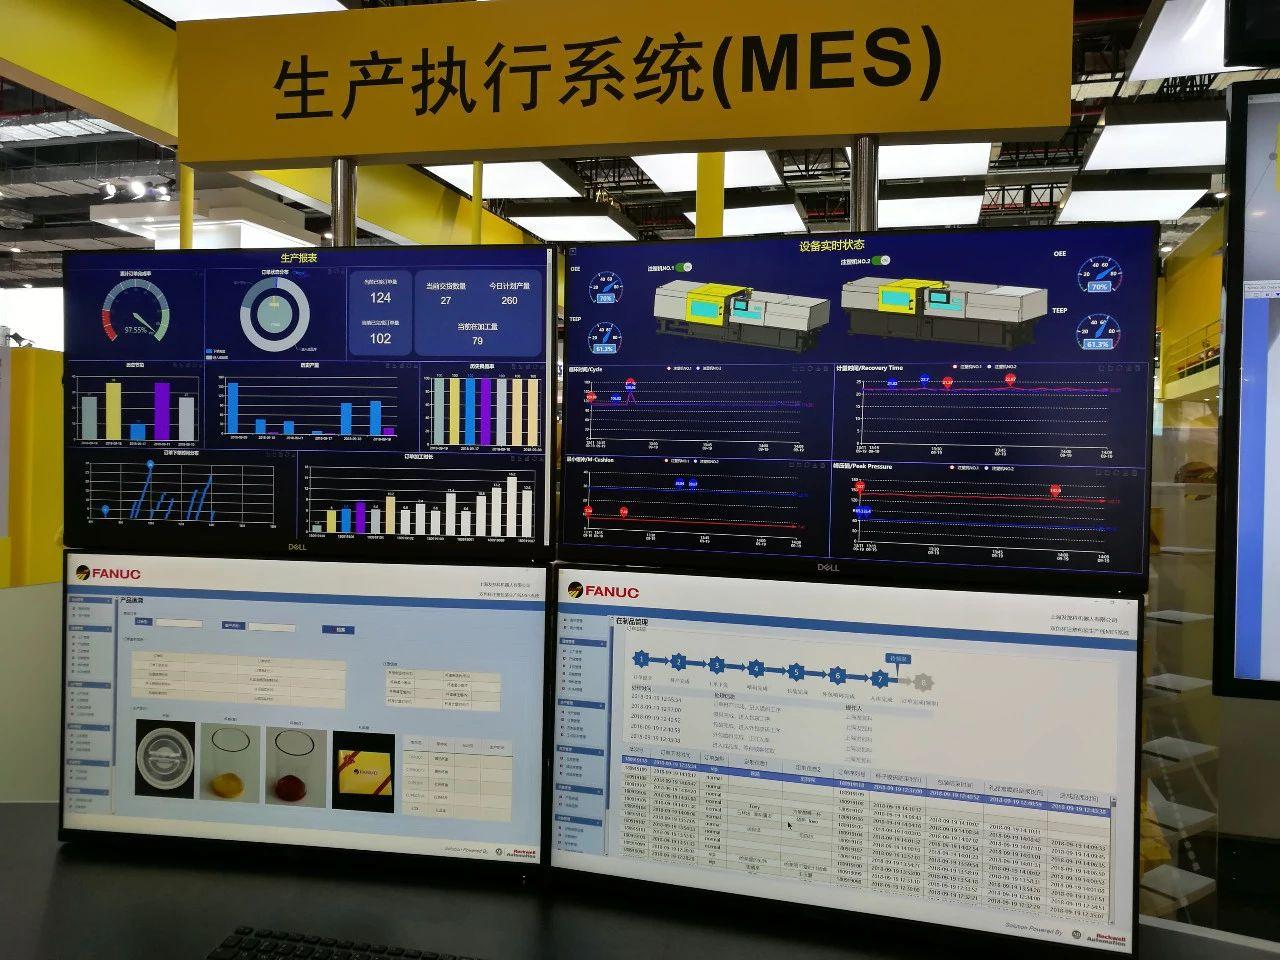 通过上海发那科生产执行系统对产品的整个生产流程进行信息化管理